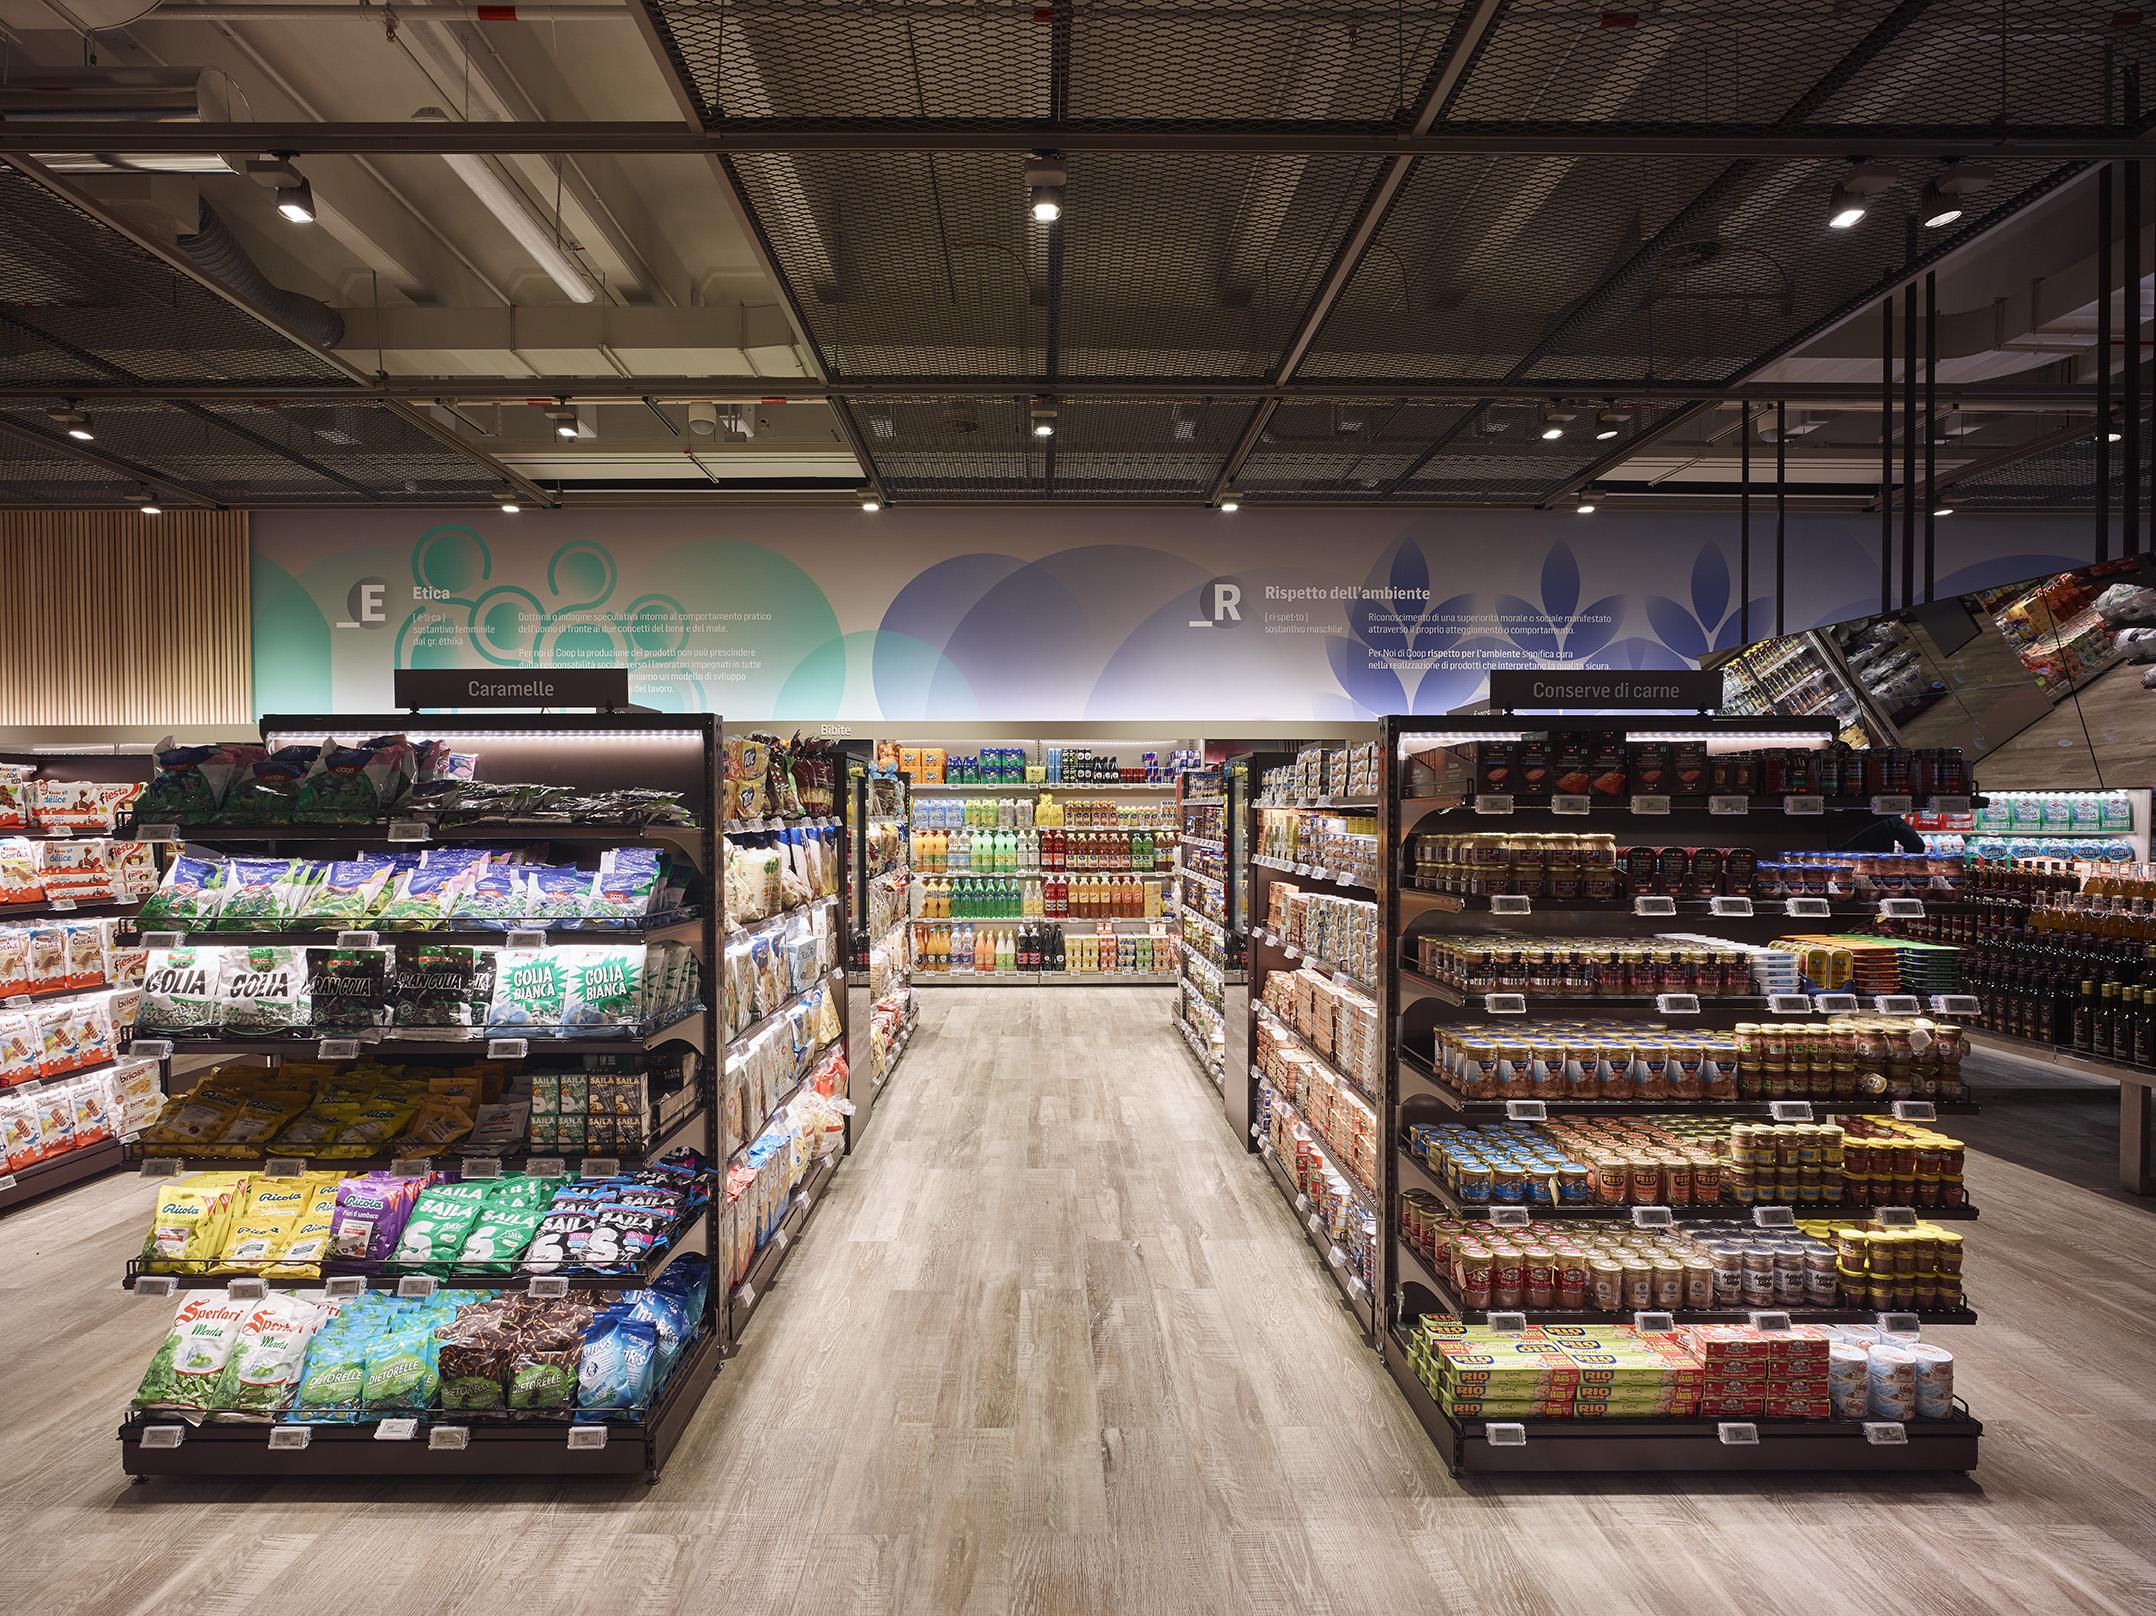 Imoon e coop a bicocca village per il supermercato interattivo